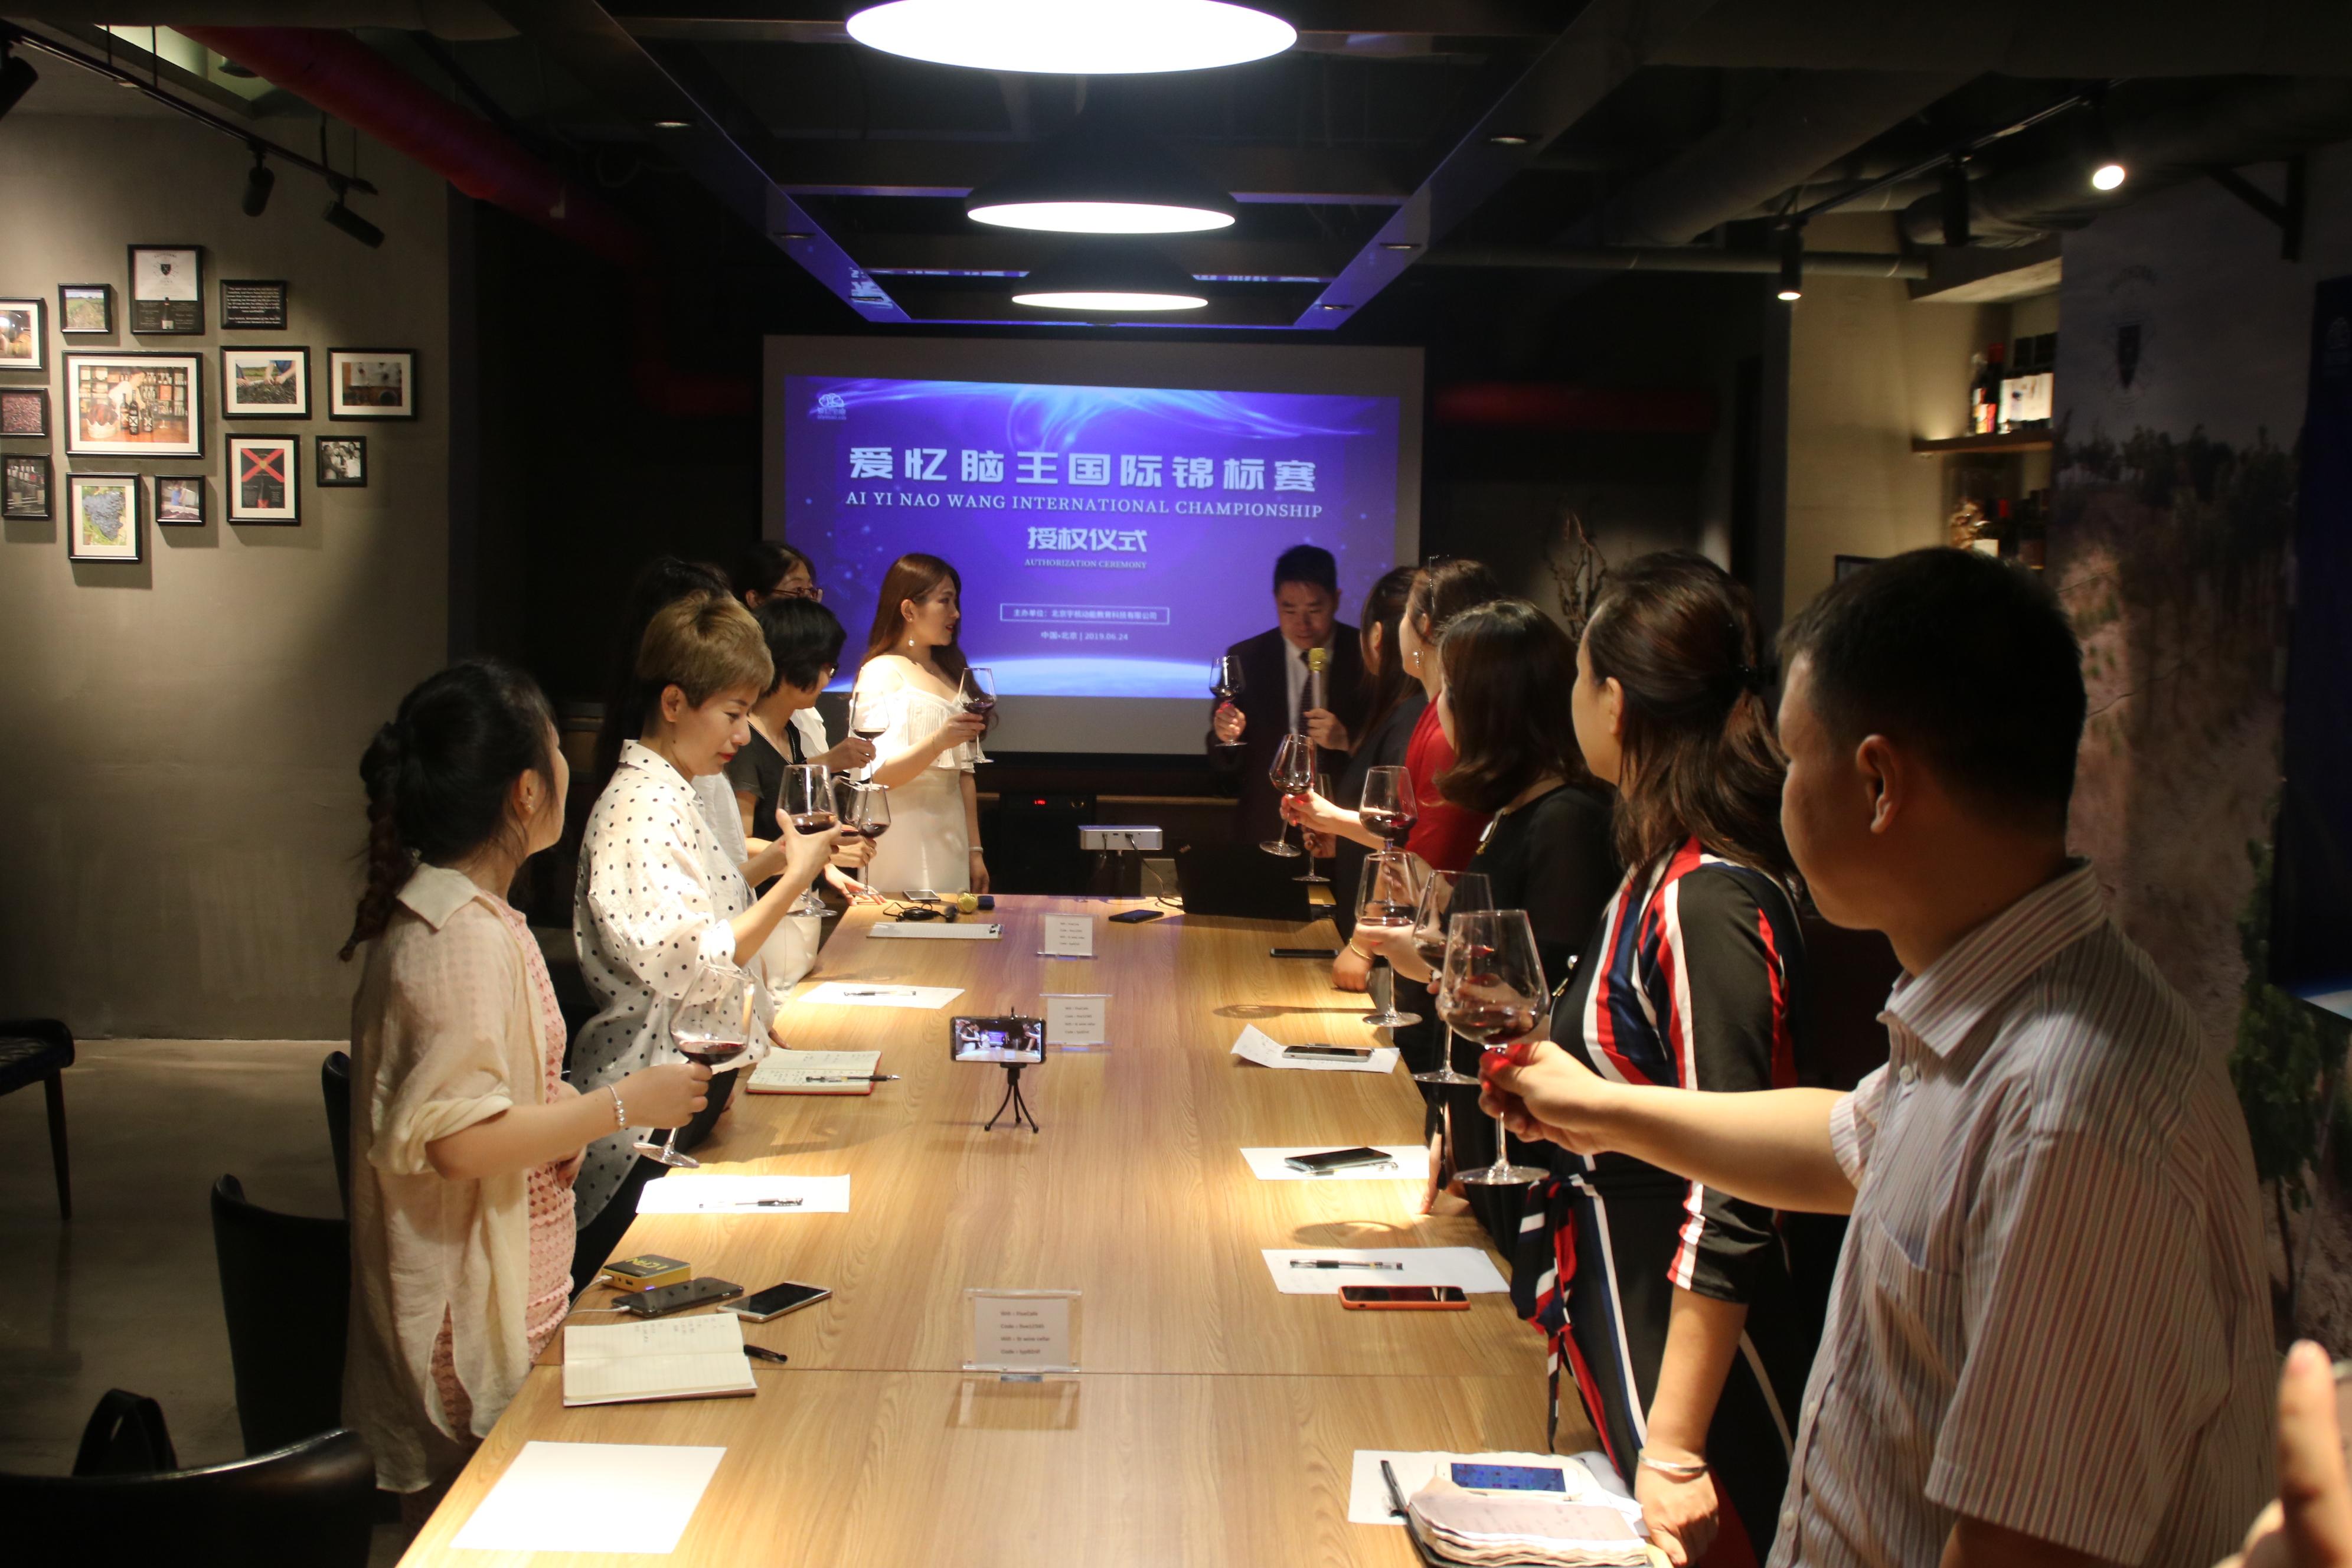 爱忆脑王国际锦标赛授权仪式在京举行